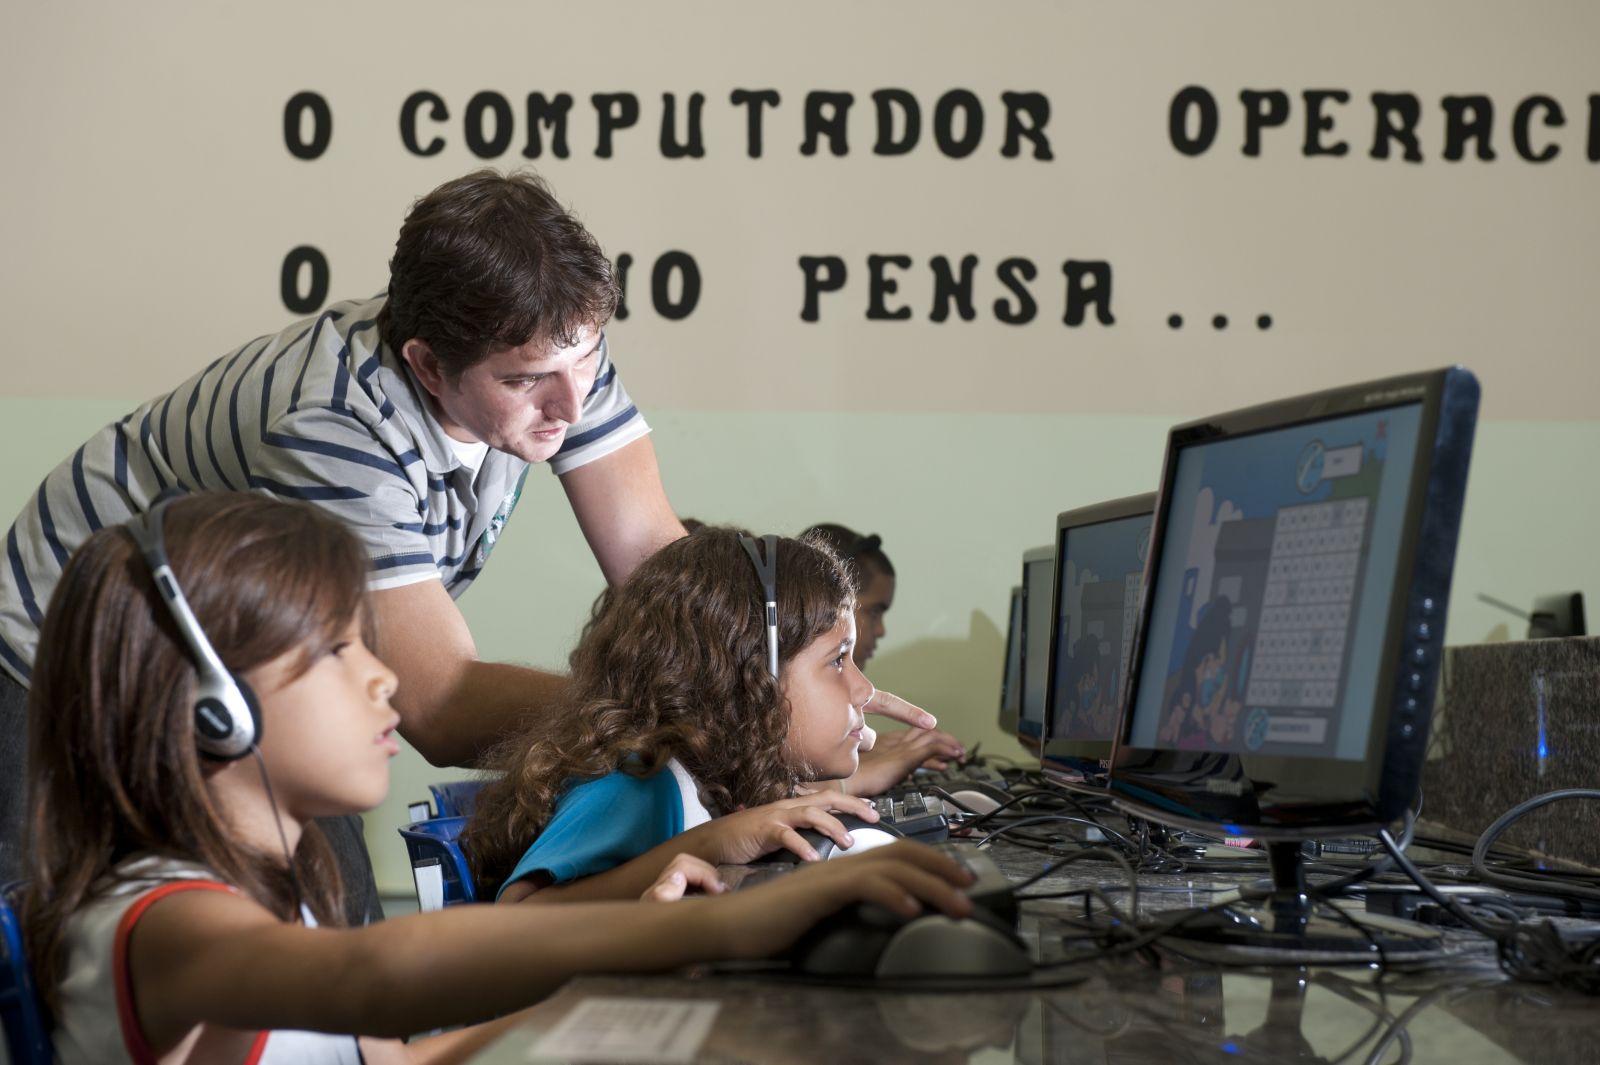 As novas tecnologias oferecem uma forma diferente para aprender